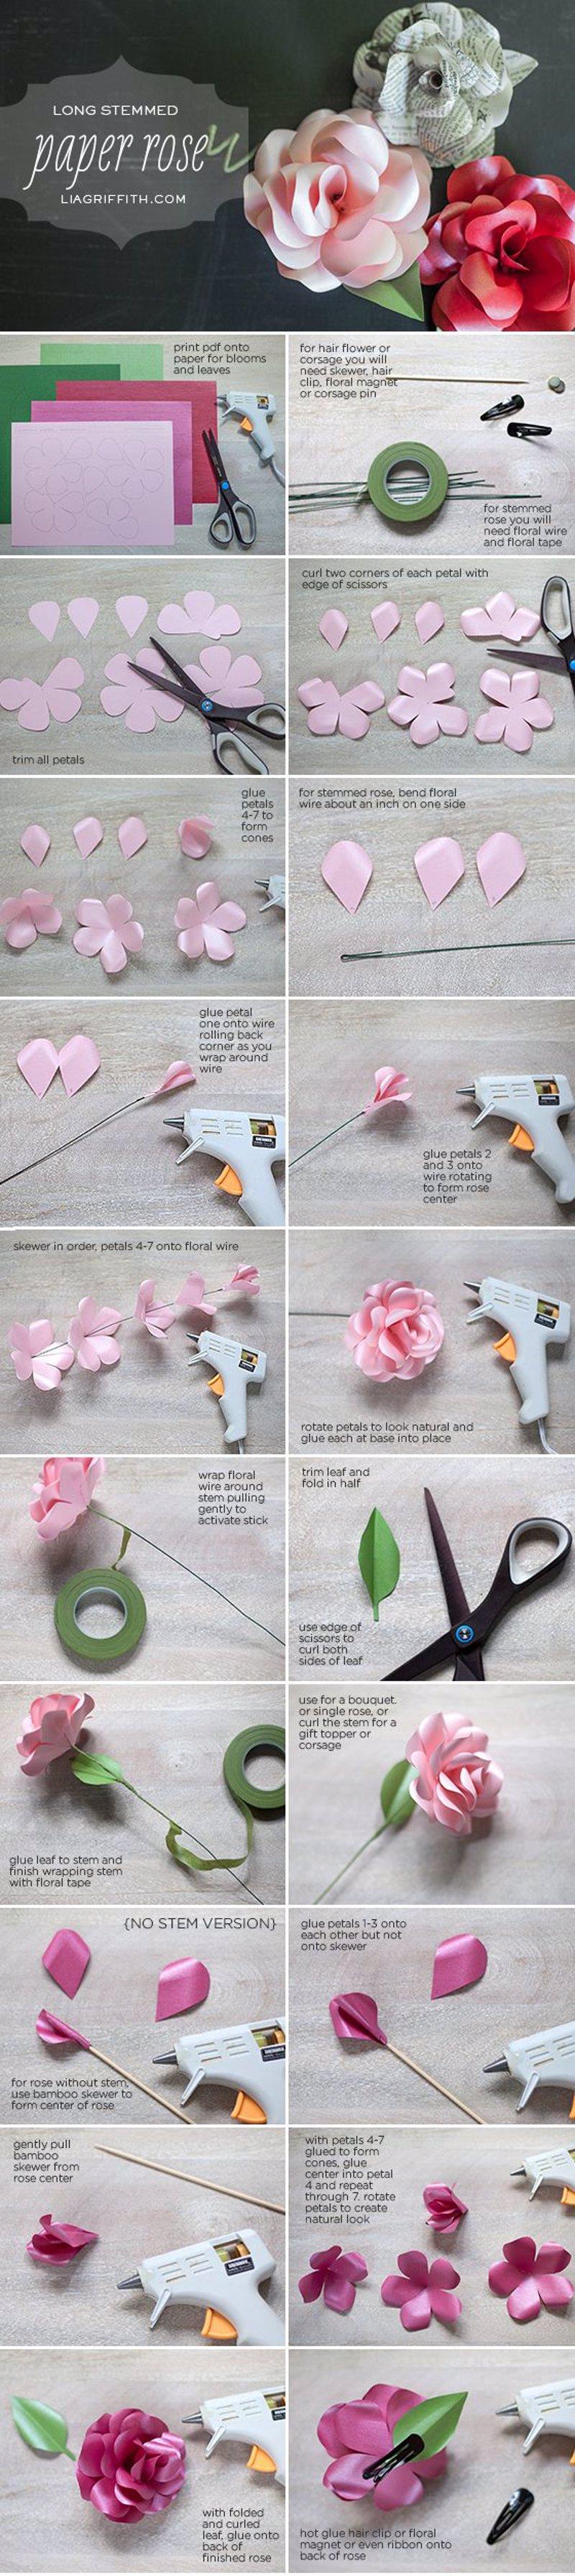 10 Manualidades Diy Muy Romanticas Para Regalar En San Valentin